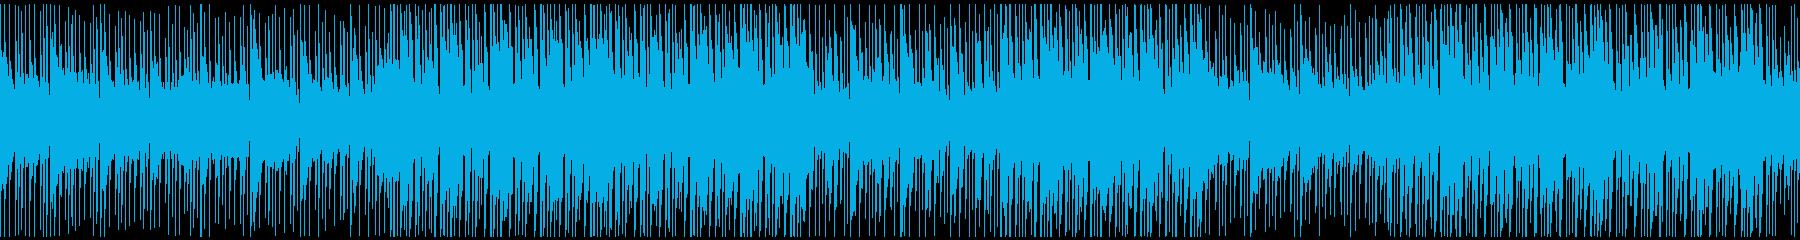 落ち着きのあるエレクトロBGMループの再生済みの波形